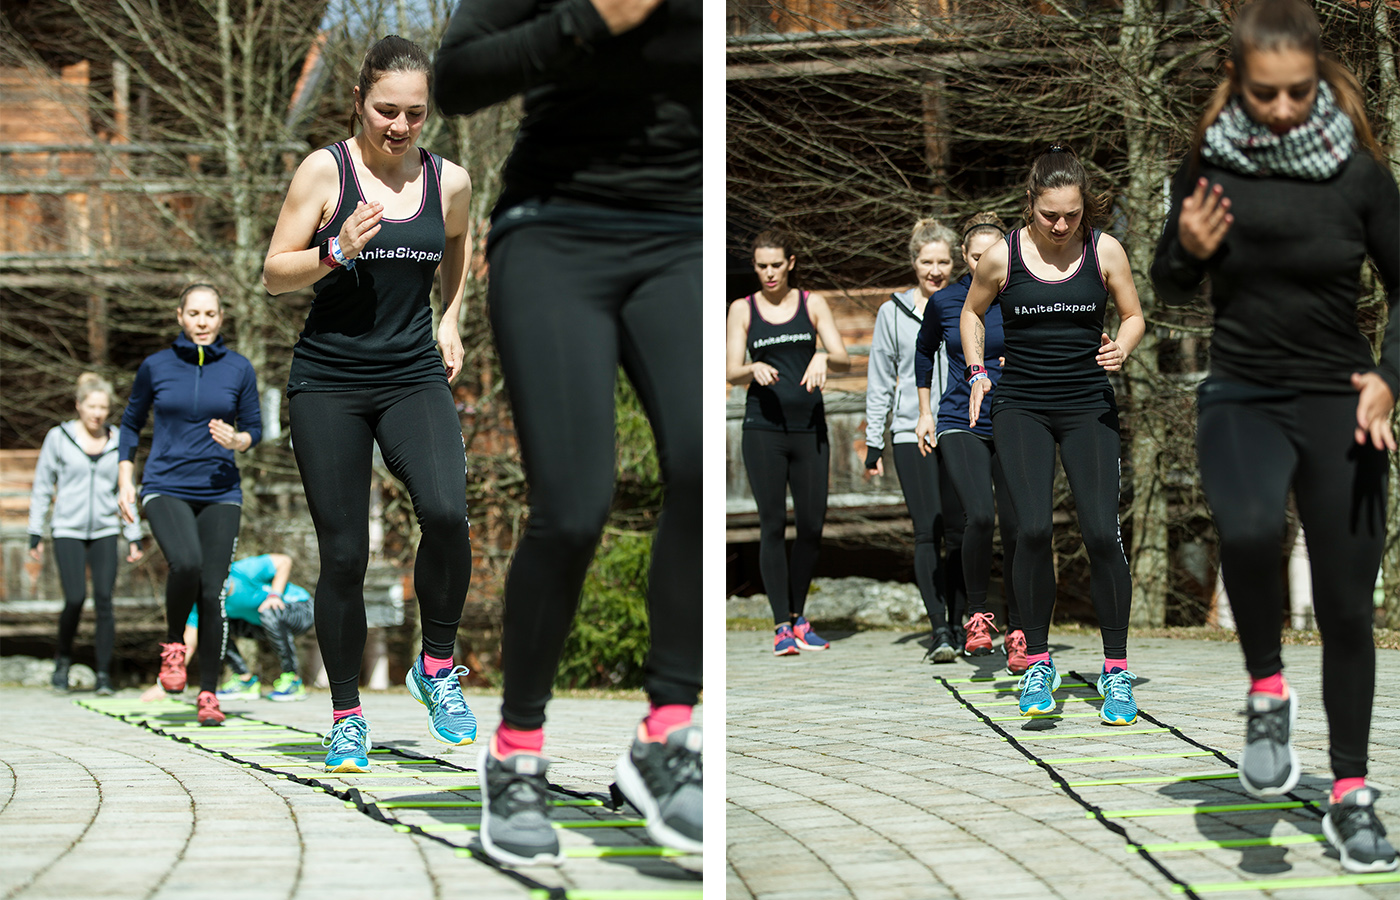 Übungen mit der Koordinationsleiter sind vor allem für Läufer eine sehr gute Alternative